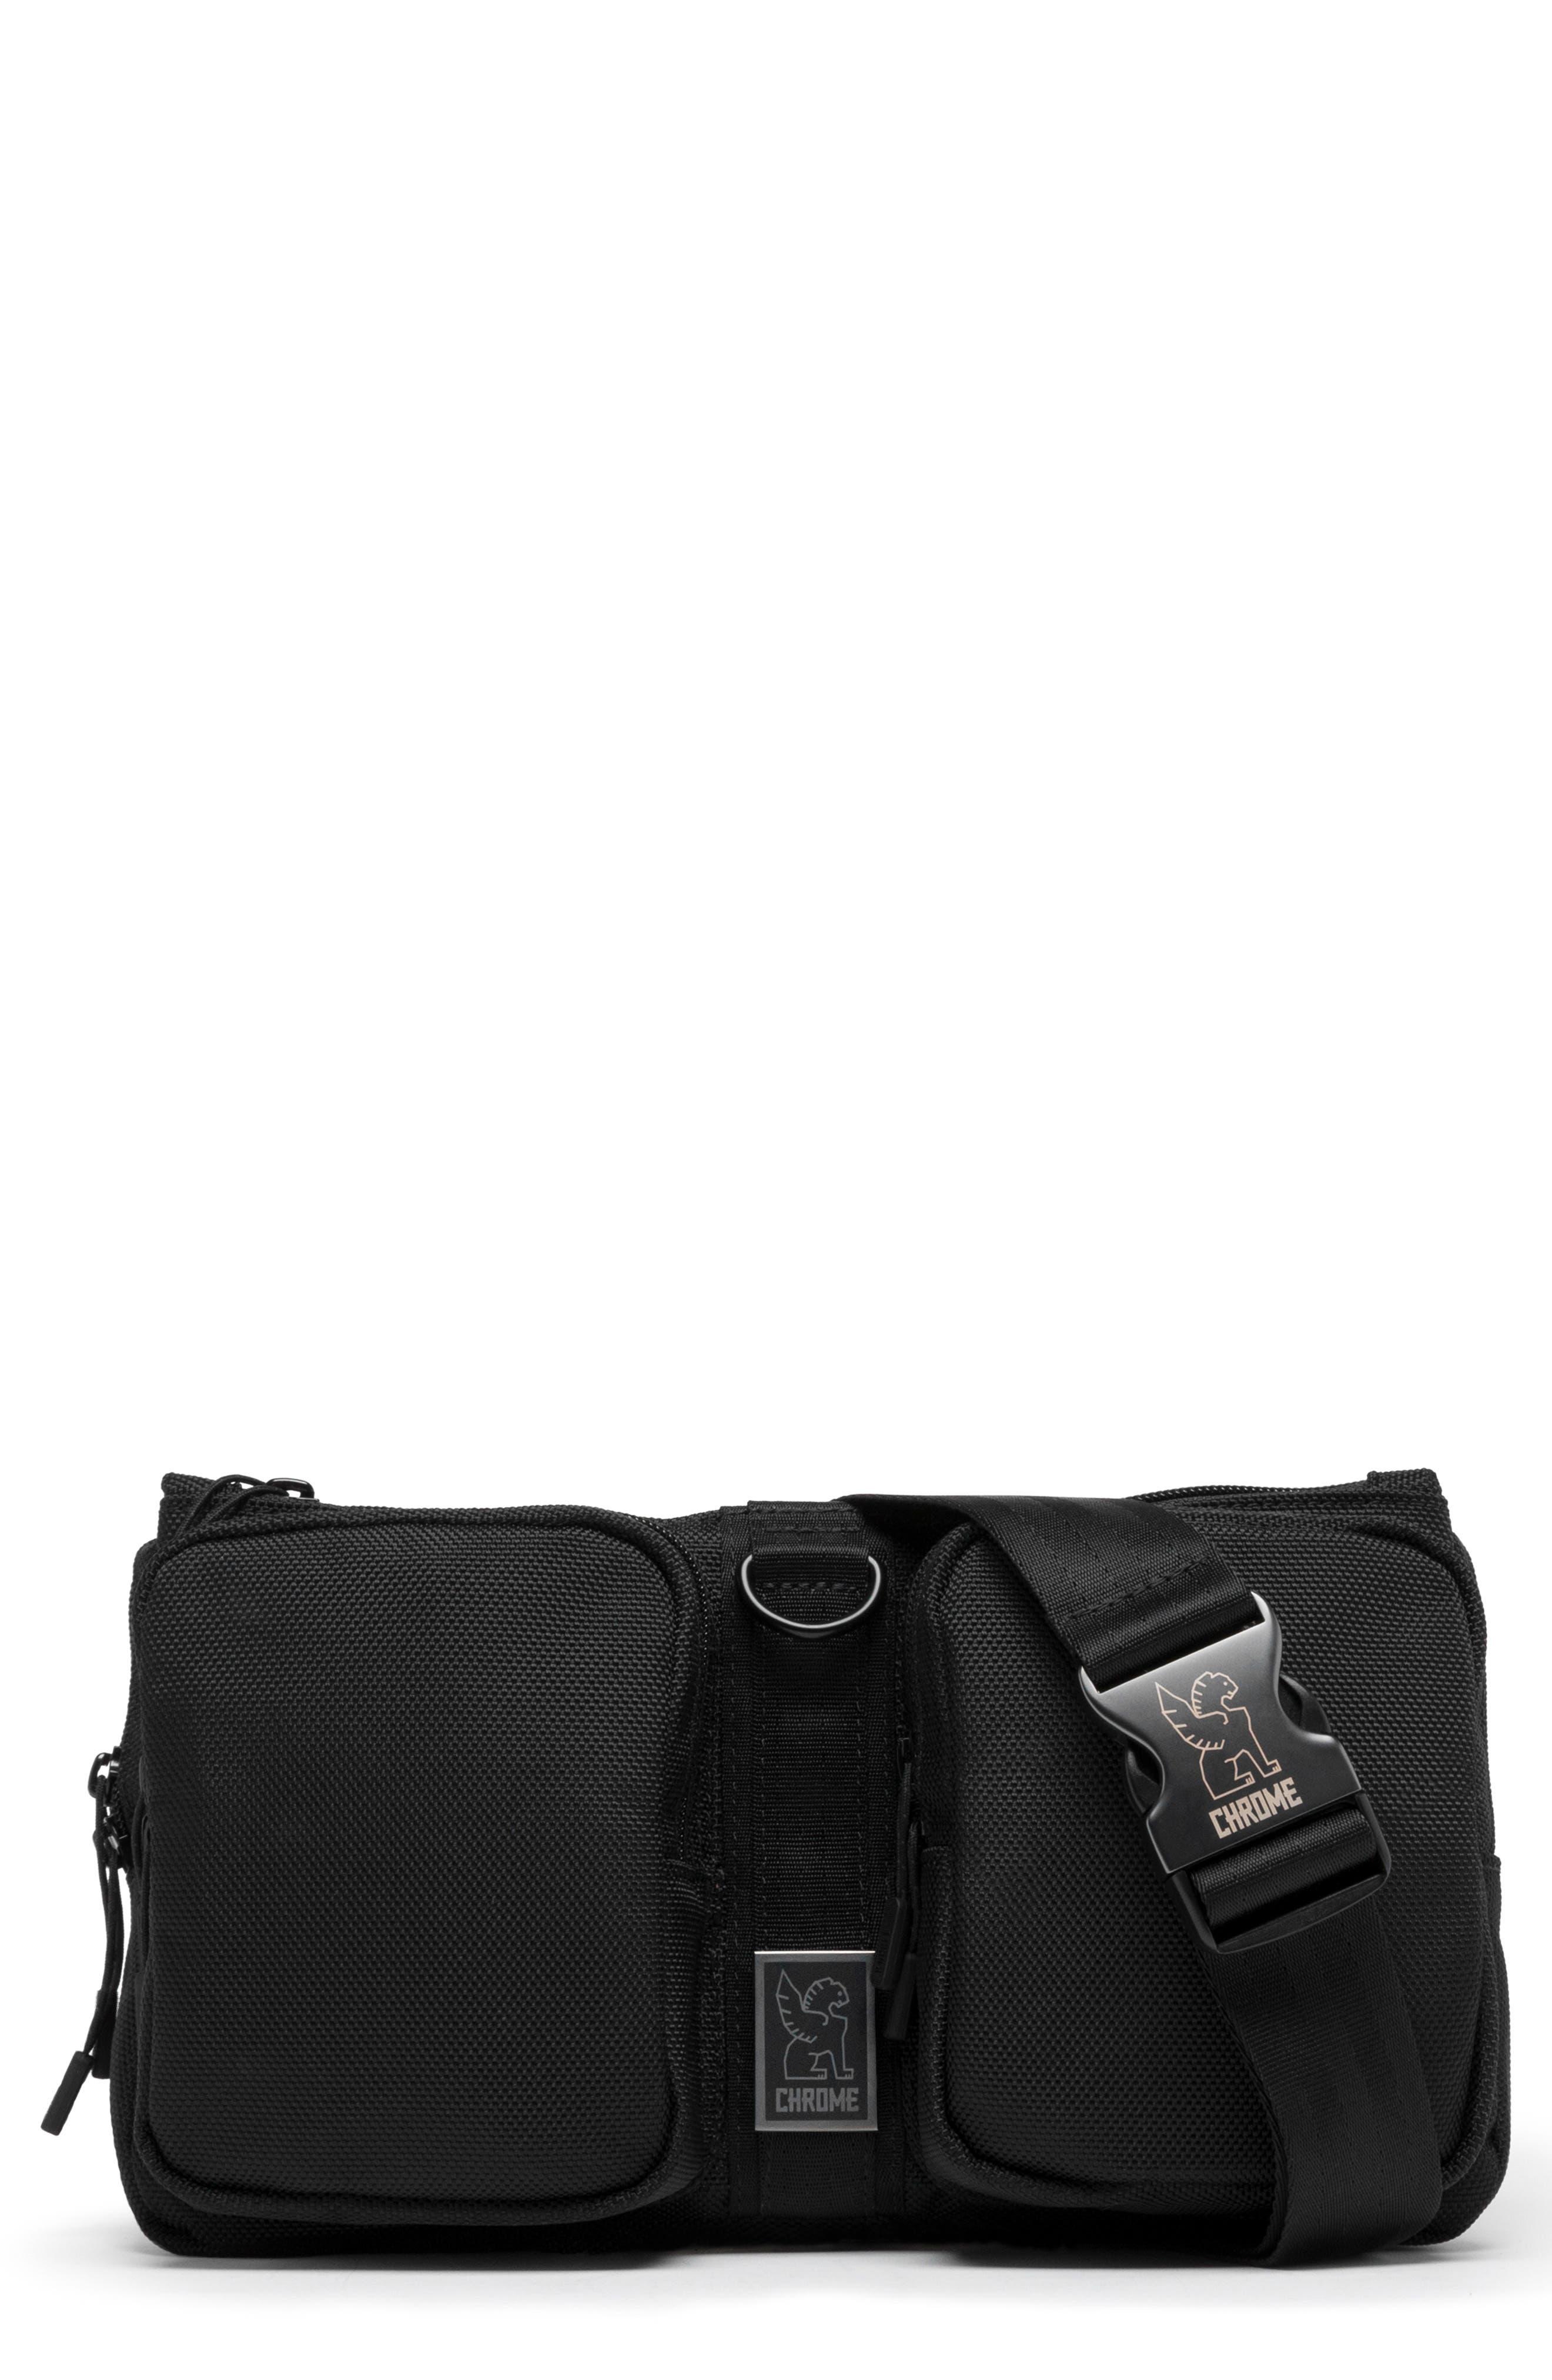 CHROME Handbags   Wallets for Women  c68ea61db9ff4